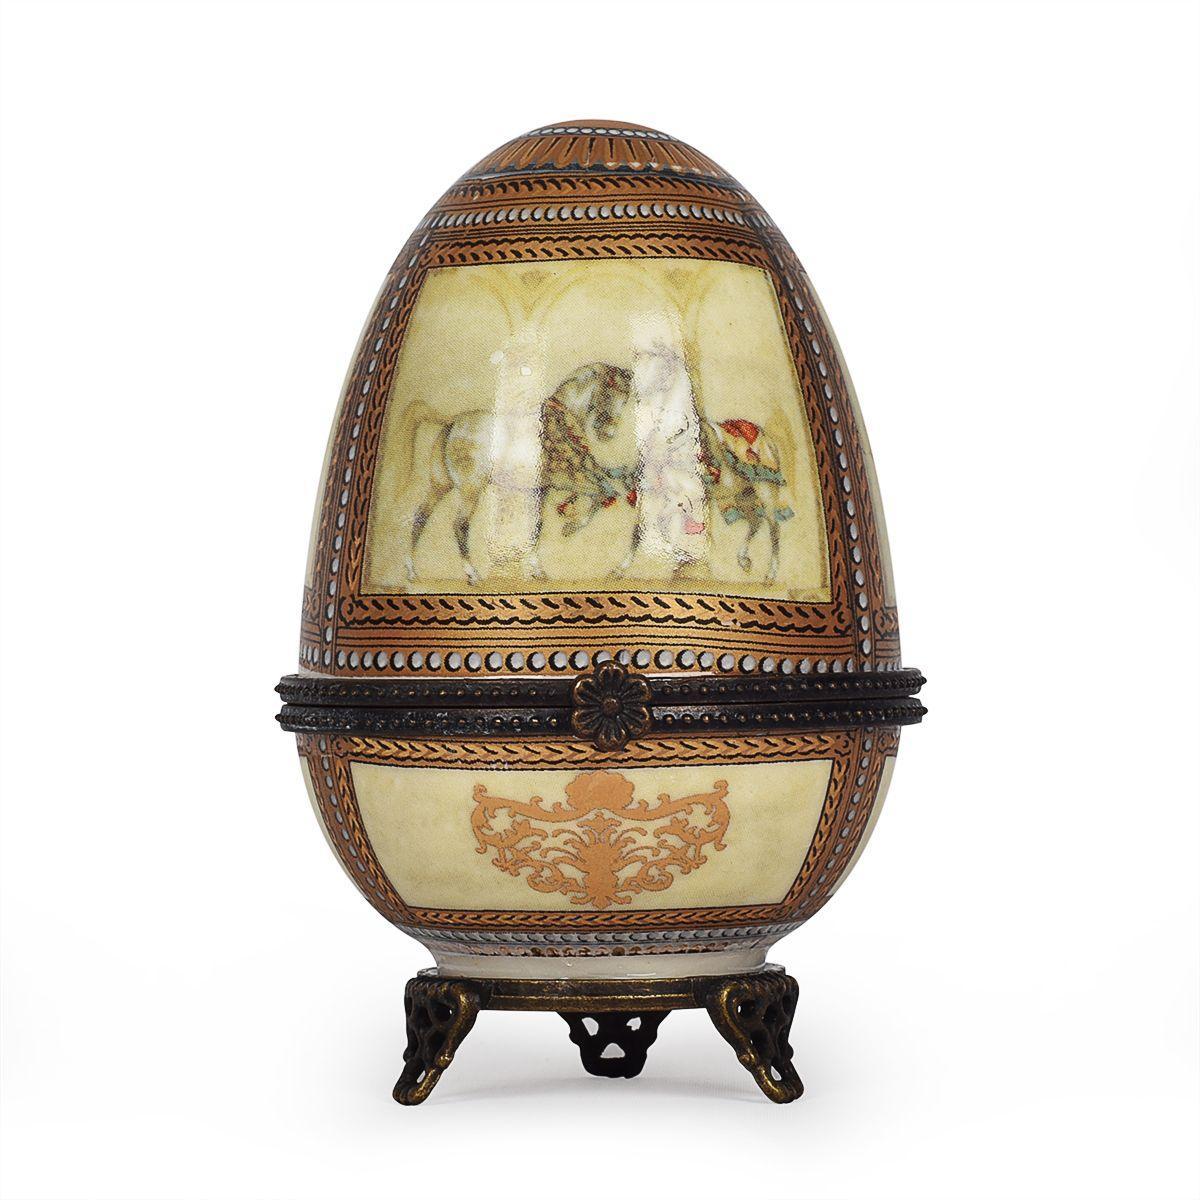 Шкатулка-яйцо из фарфора с узорами и изображением коней